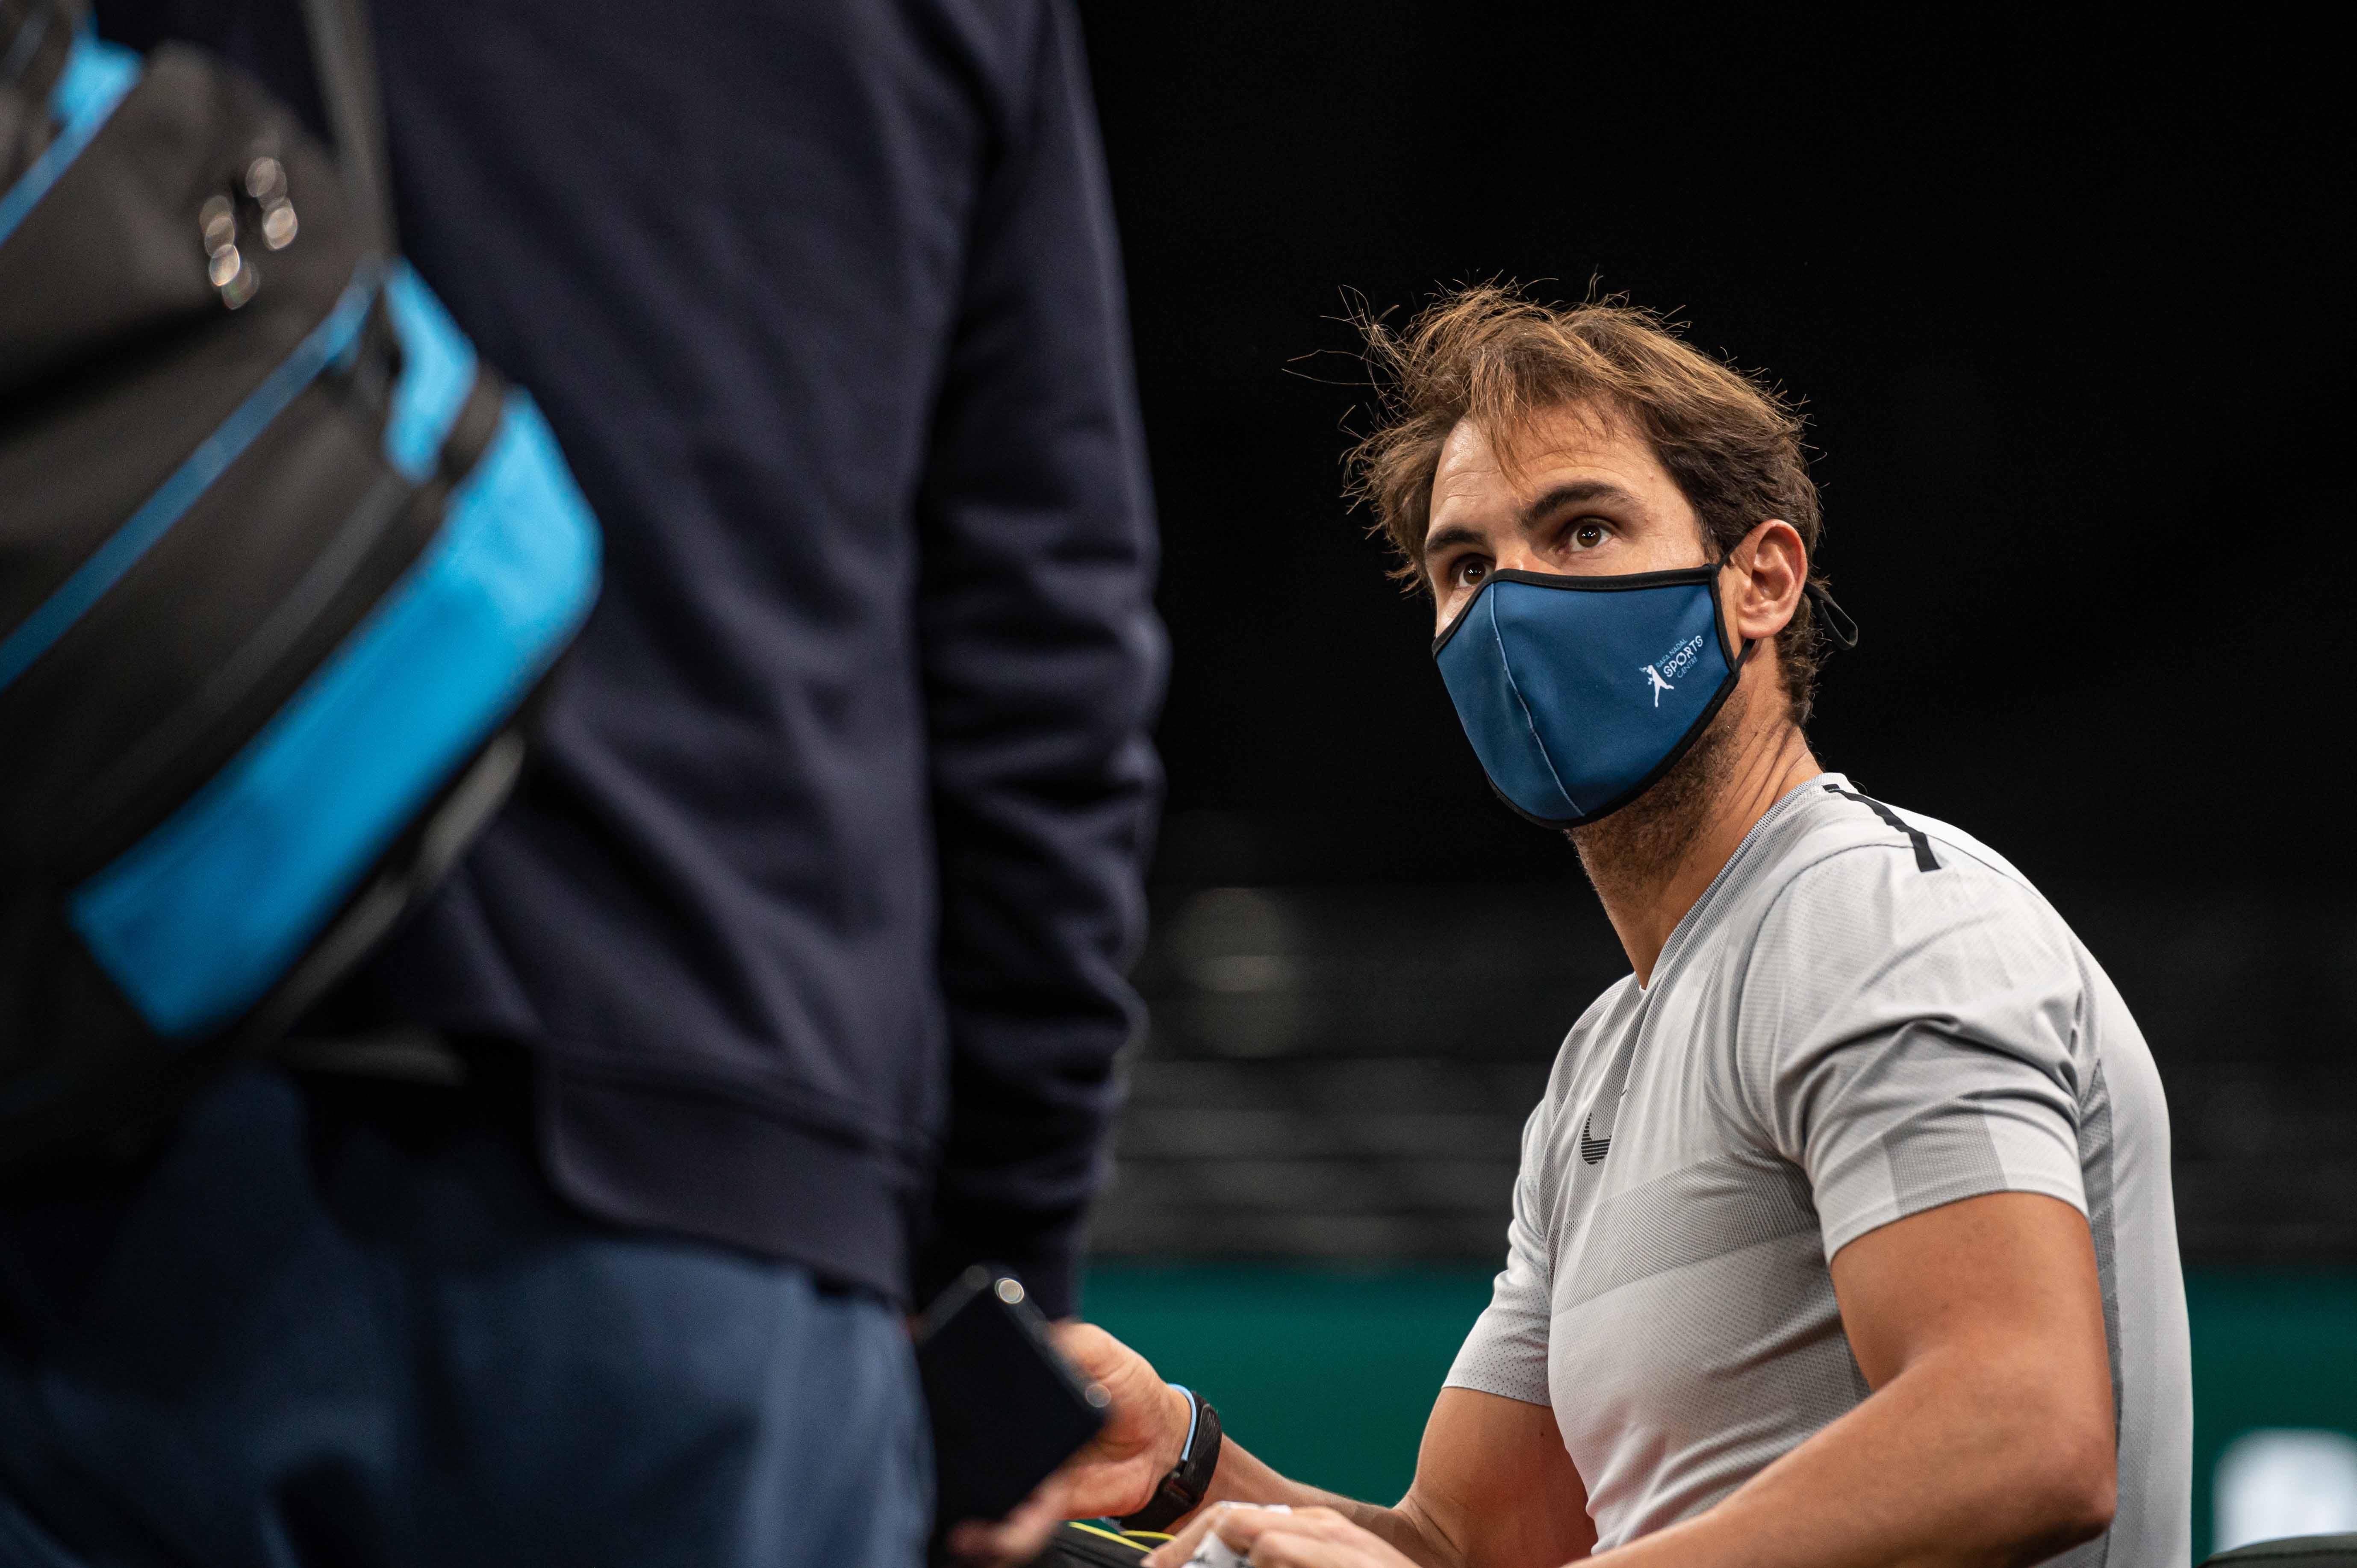 Rafael Nadal, mi-songeur, mi-attentif à ce que lui dit Francisco Roig, son coach.